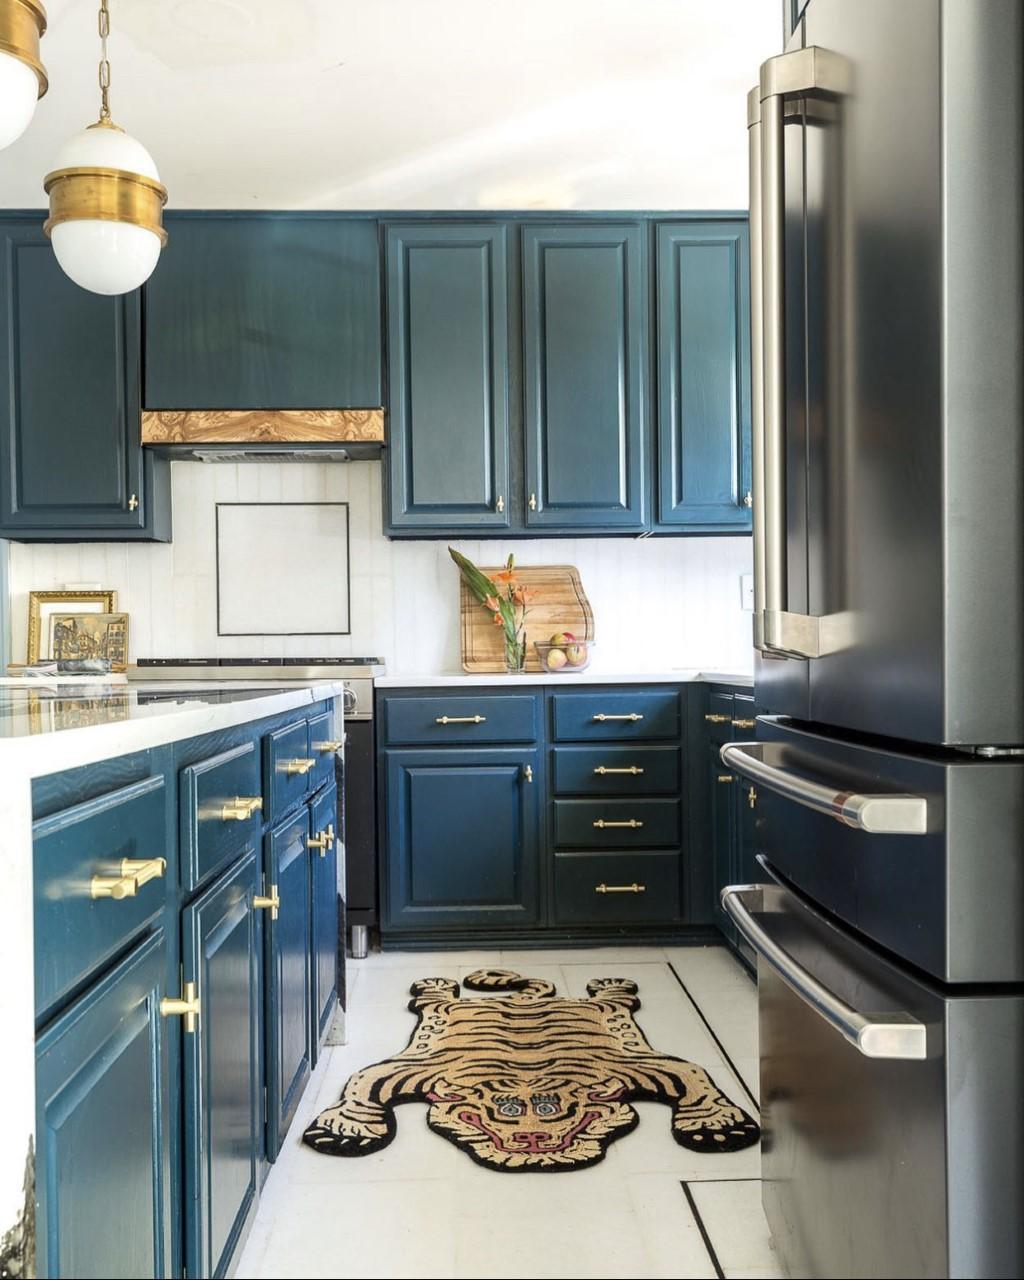 kazimah rug, tiger rug, blue kitchen, Cafe Refrigerator